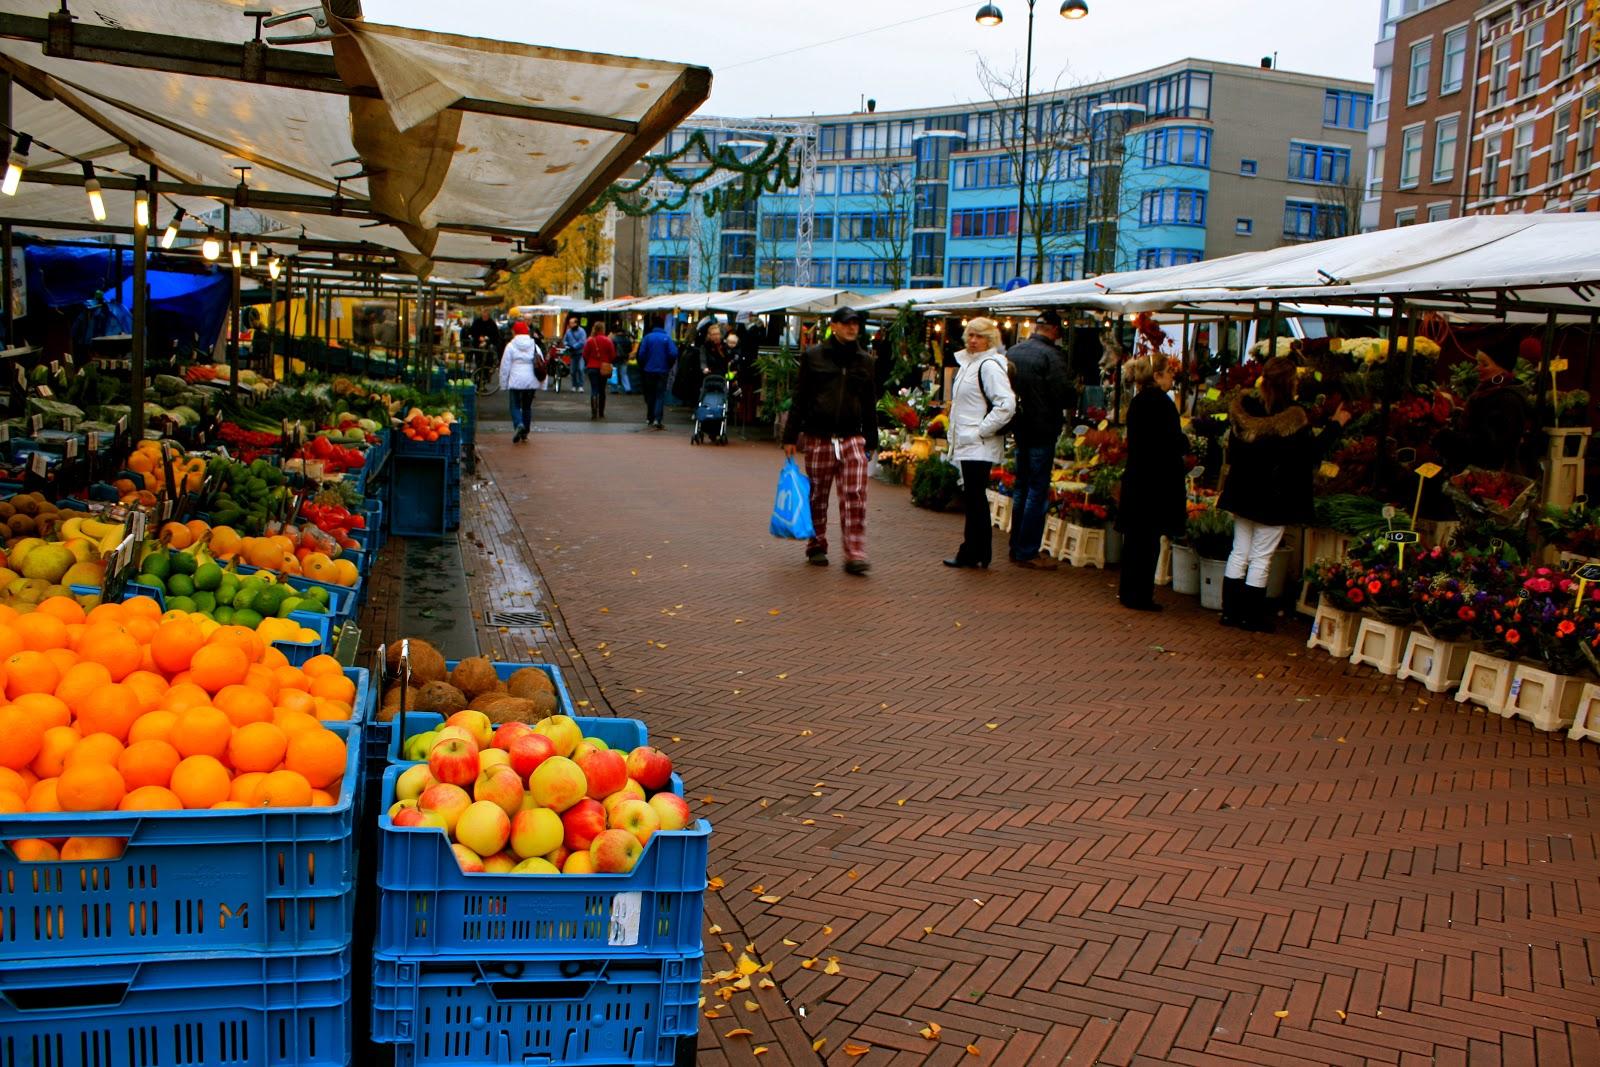 Goedkoop winkelen op de Dappermarkt in Amsterdam